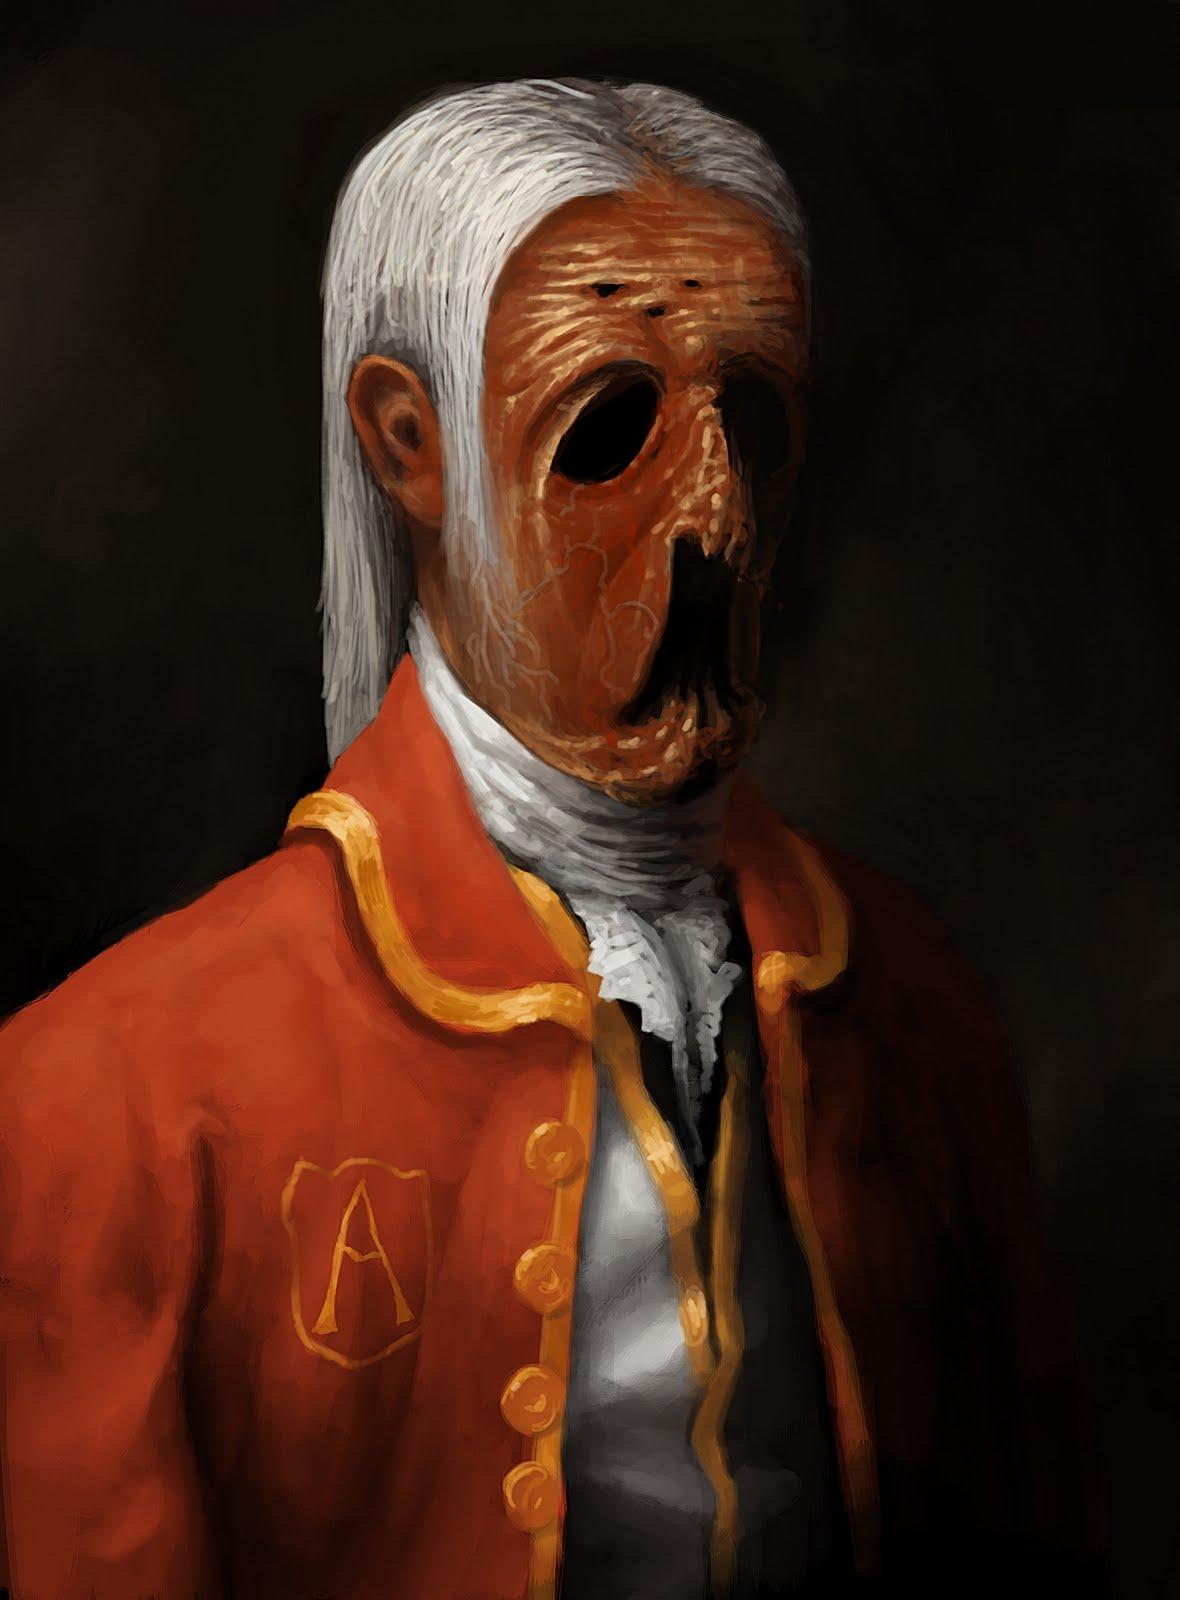 http://4.bp.blogspot.com/_V5K7TvVxSiI/TTrom9QsrxI/AAAAAAAAAe8/4e29JXfi1ec/s1600/portrait_alexander_insane.jpg